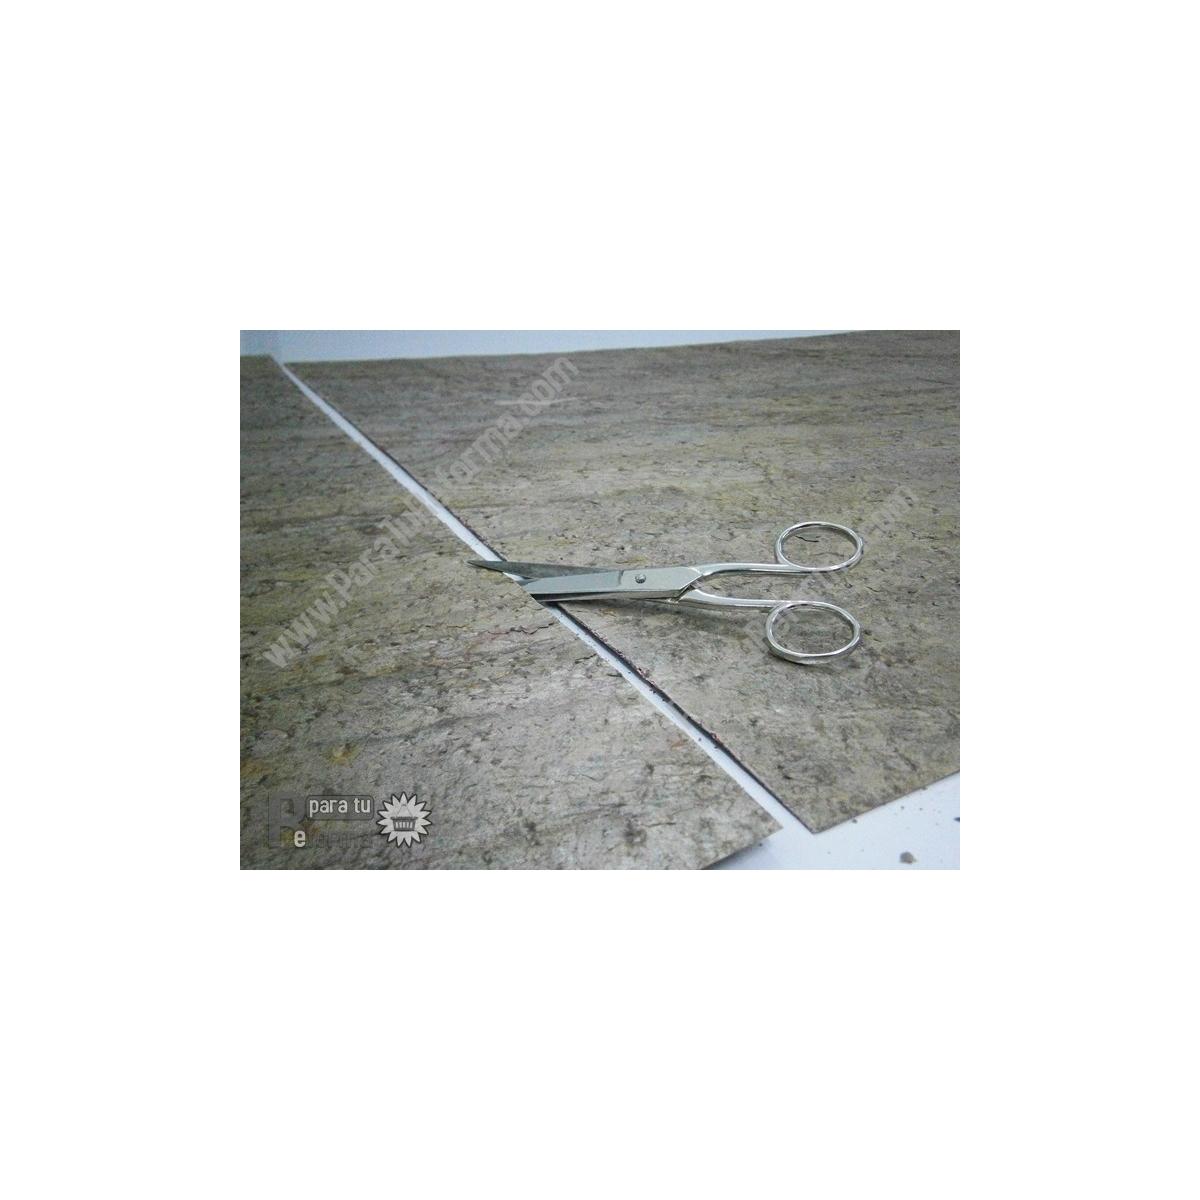 Pizarra natural flexible FS6003 / FT3003 (ud) Revestimiento con Pizarra natural flexible 0